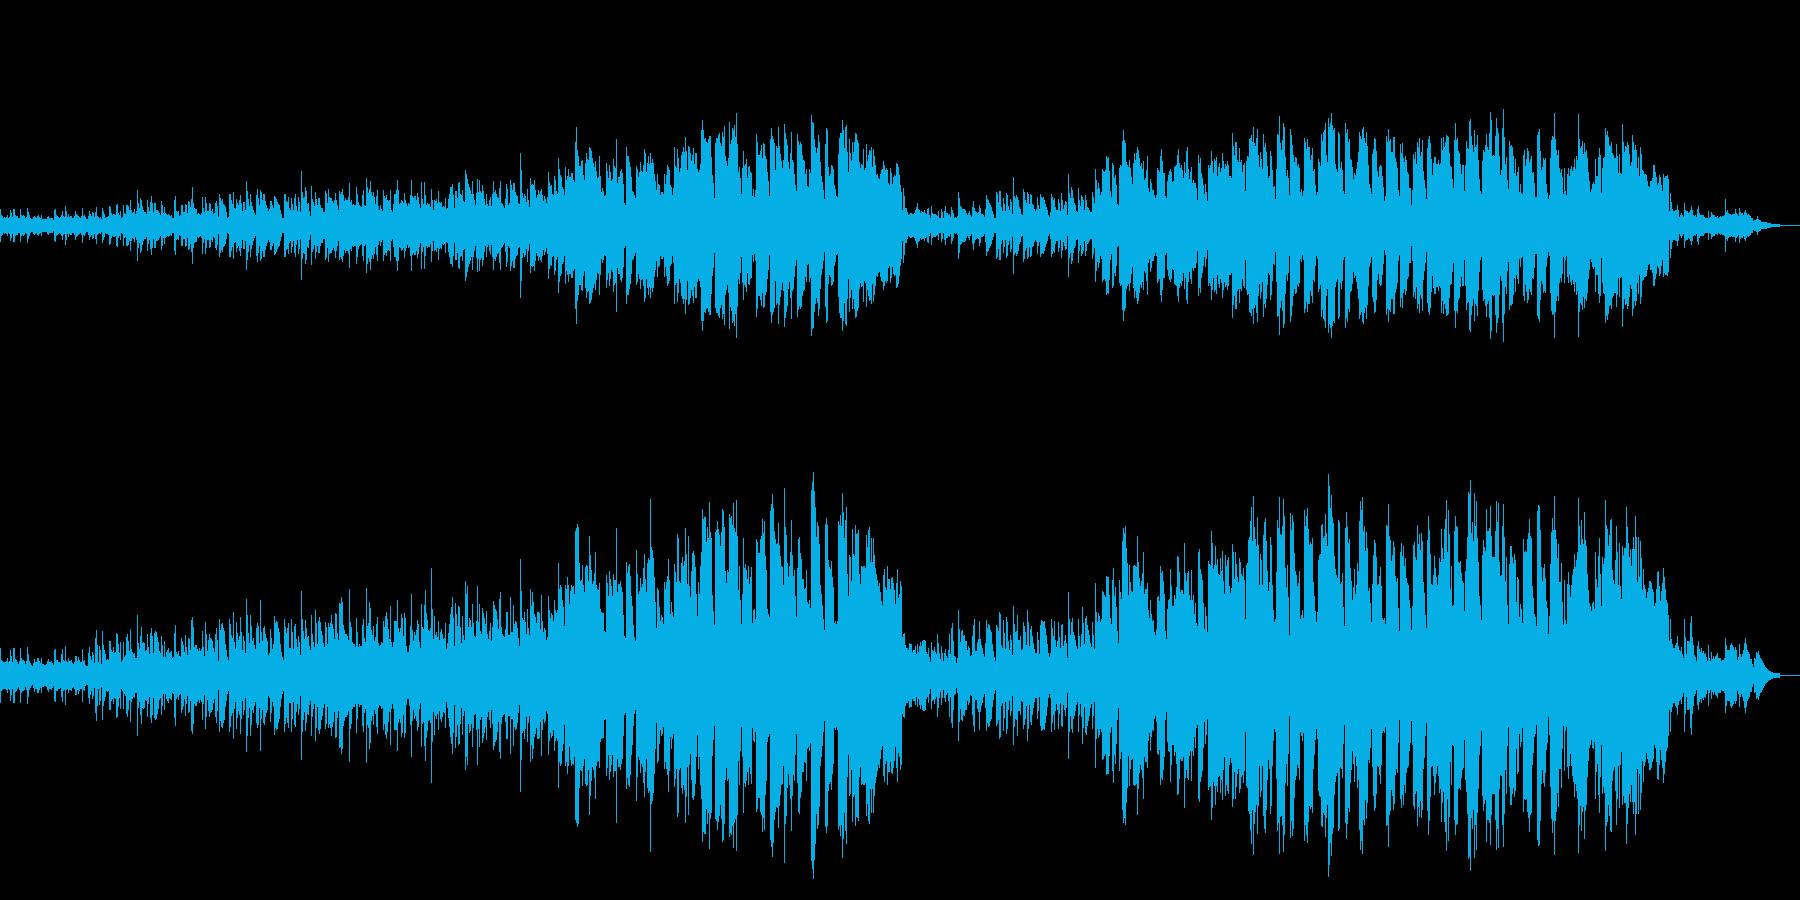 荒野に合いそうなBGMの再生済みの波形